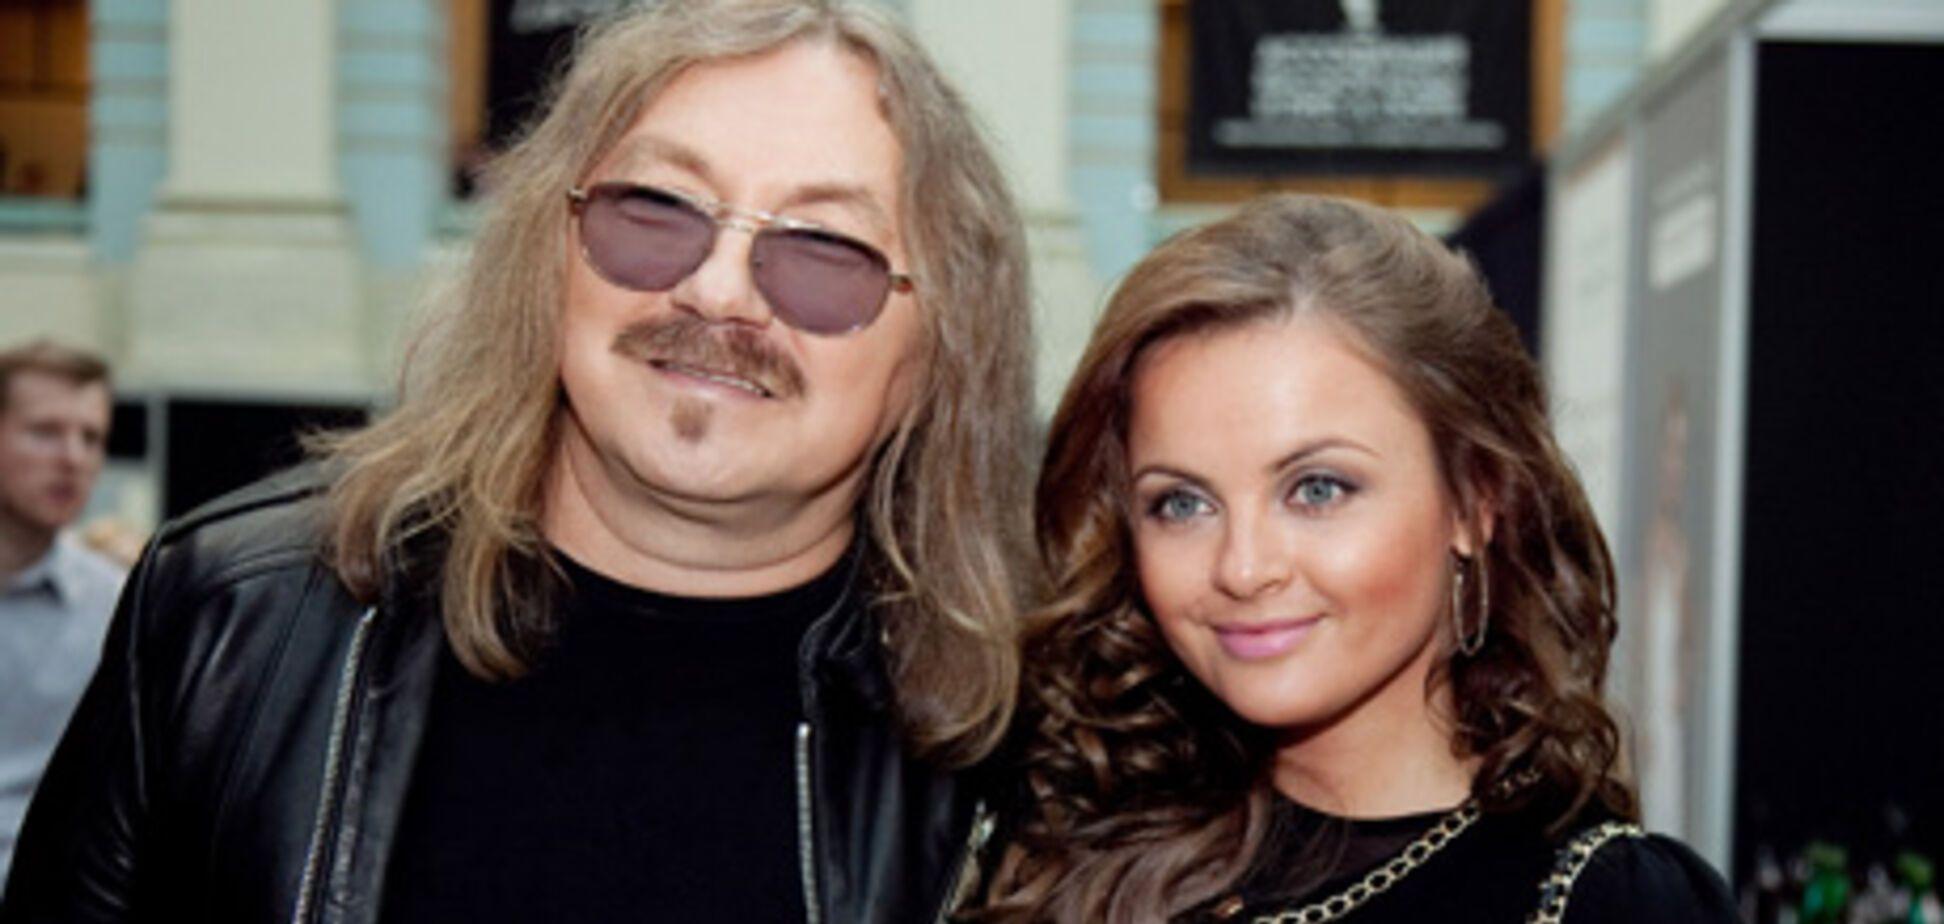 Жена Николаева показала артиста после болезни: как выглядит